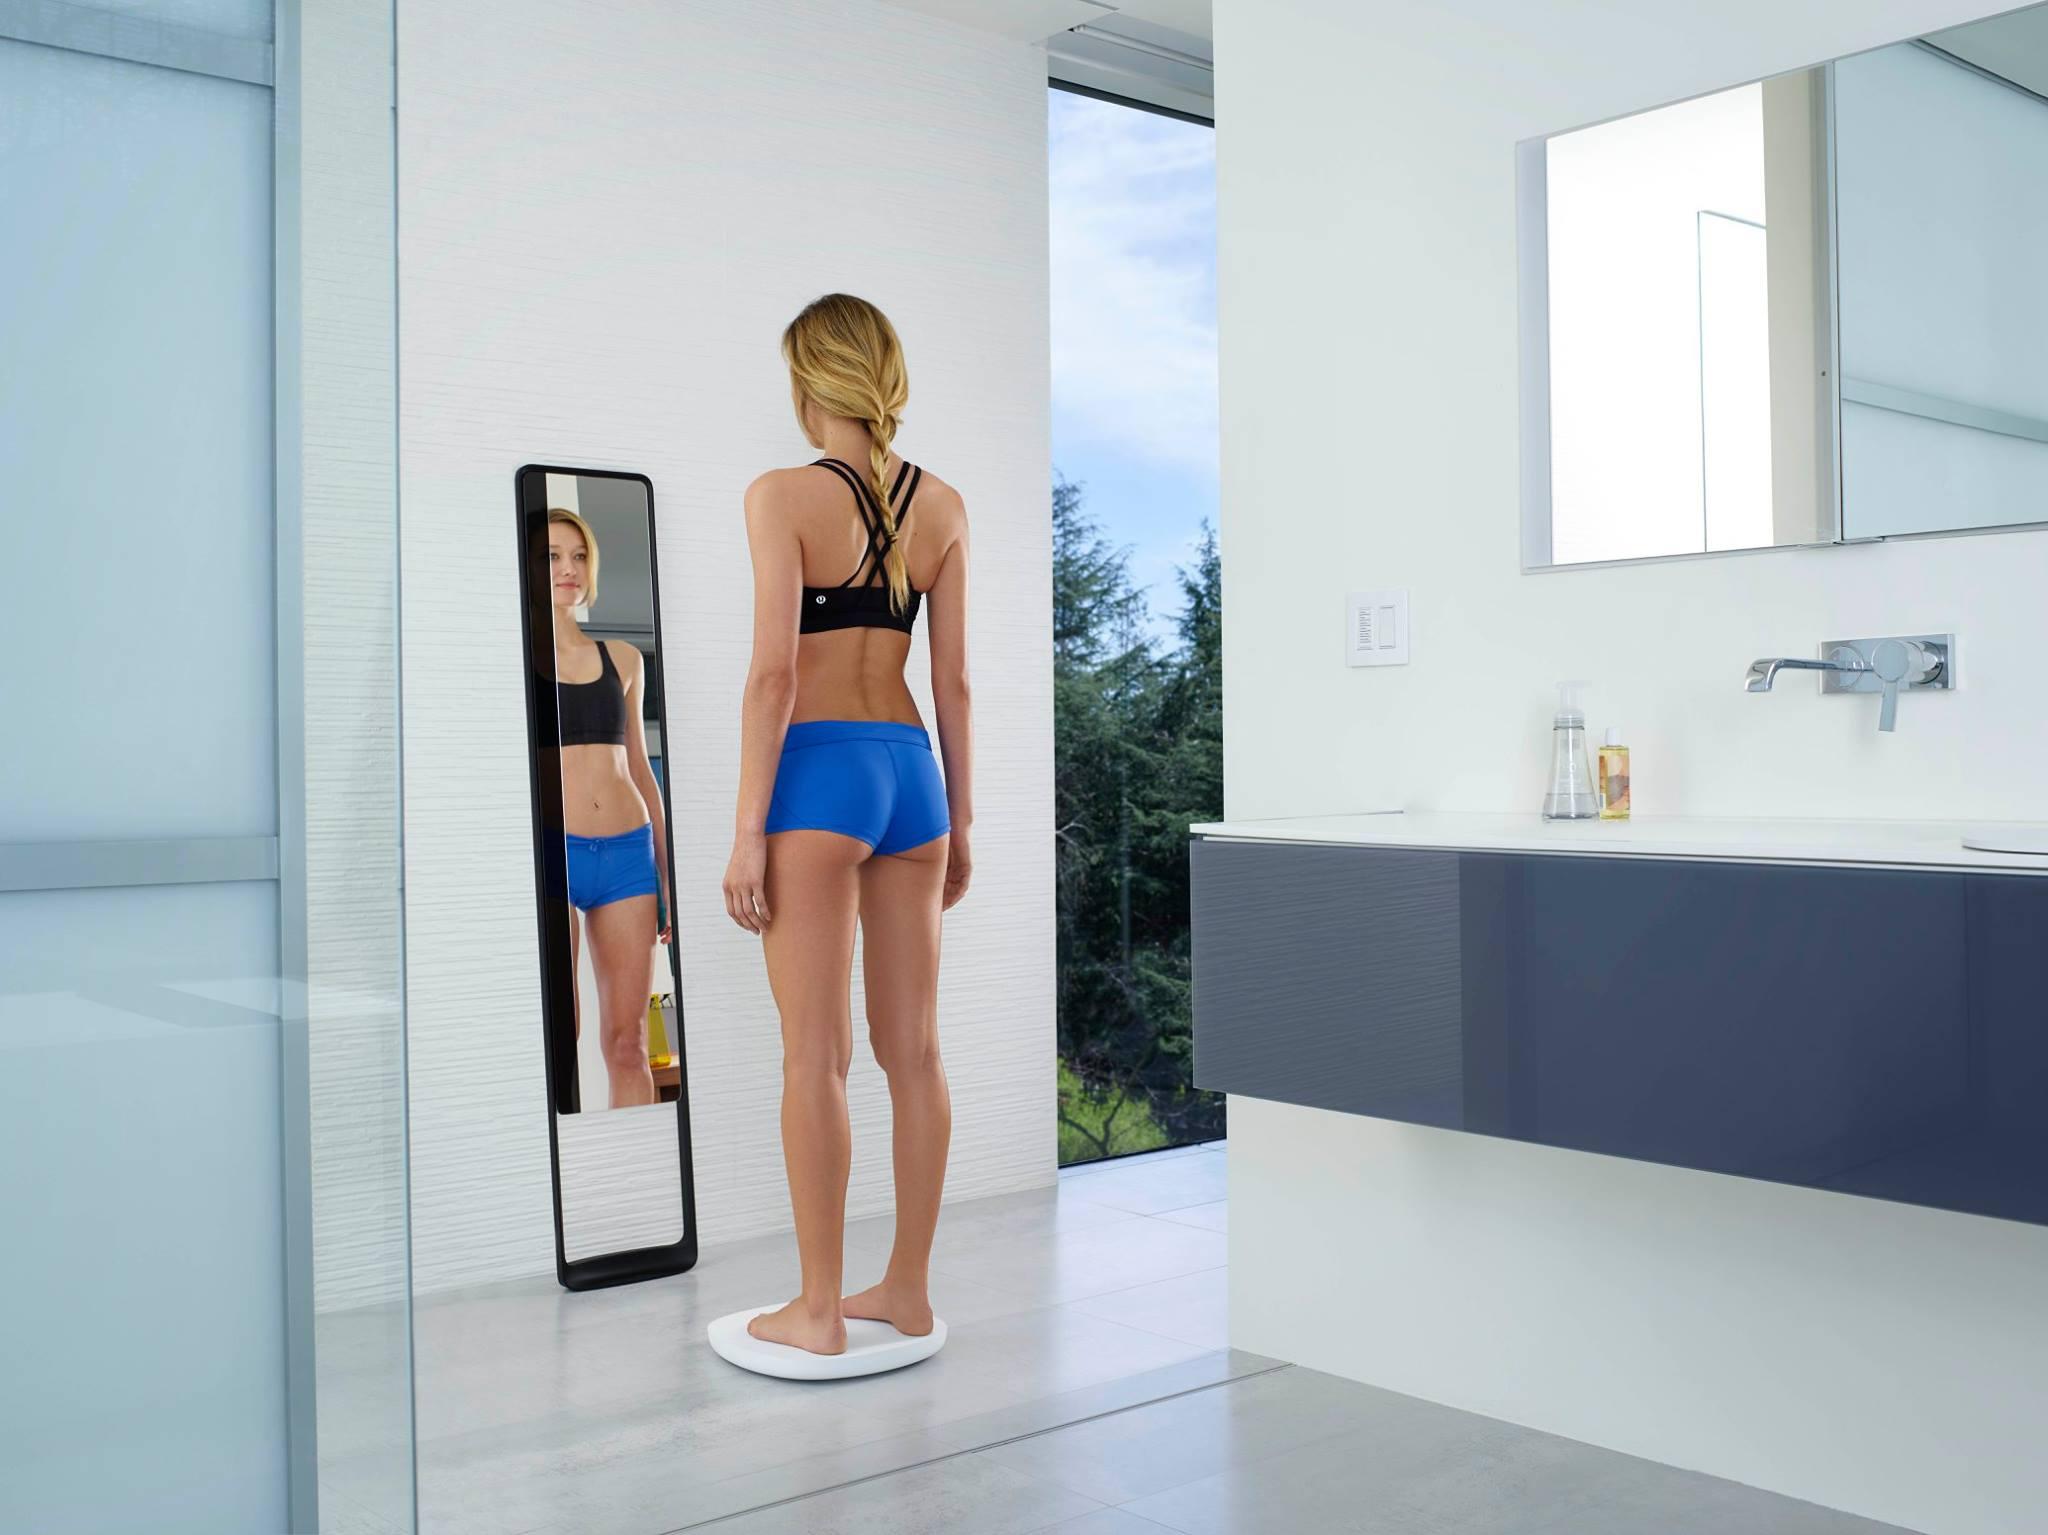 Vücudunuzu 360 Derece Tarayarak Formunuzu Takip Eden Akıllı Ayna